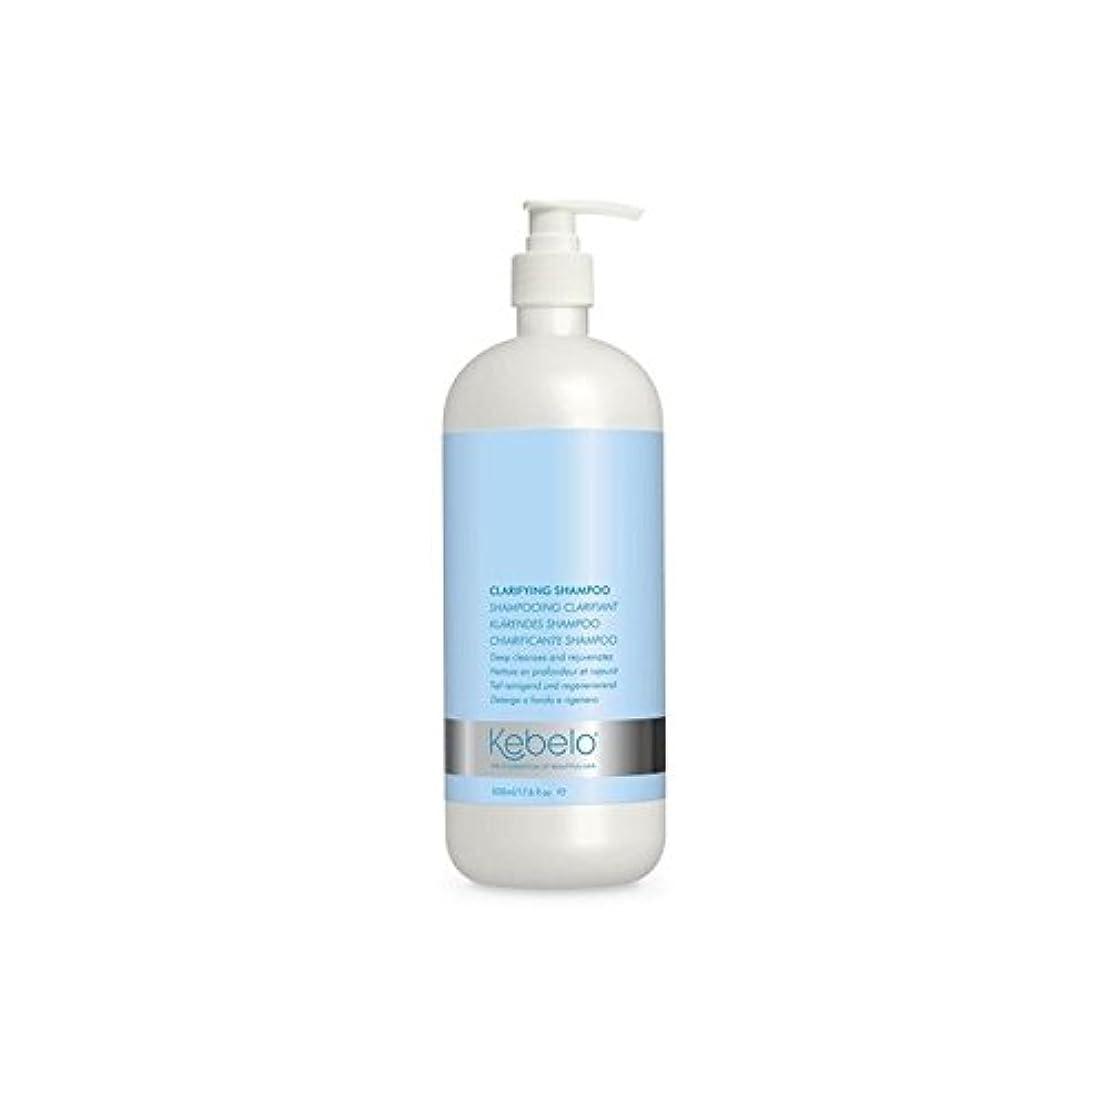 食い違い教育学受ける明確化シャンプー(500ミリリットル) x4 - Kebelo Clarifying Shampoo (500ml) (Pack of 4) [並行輸入品]